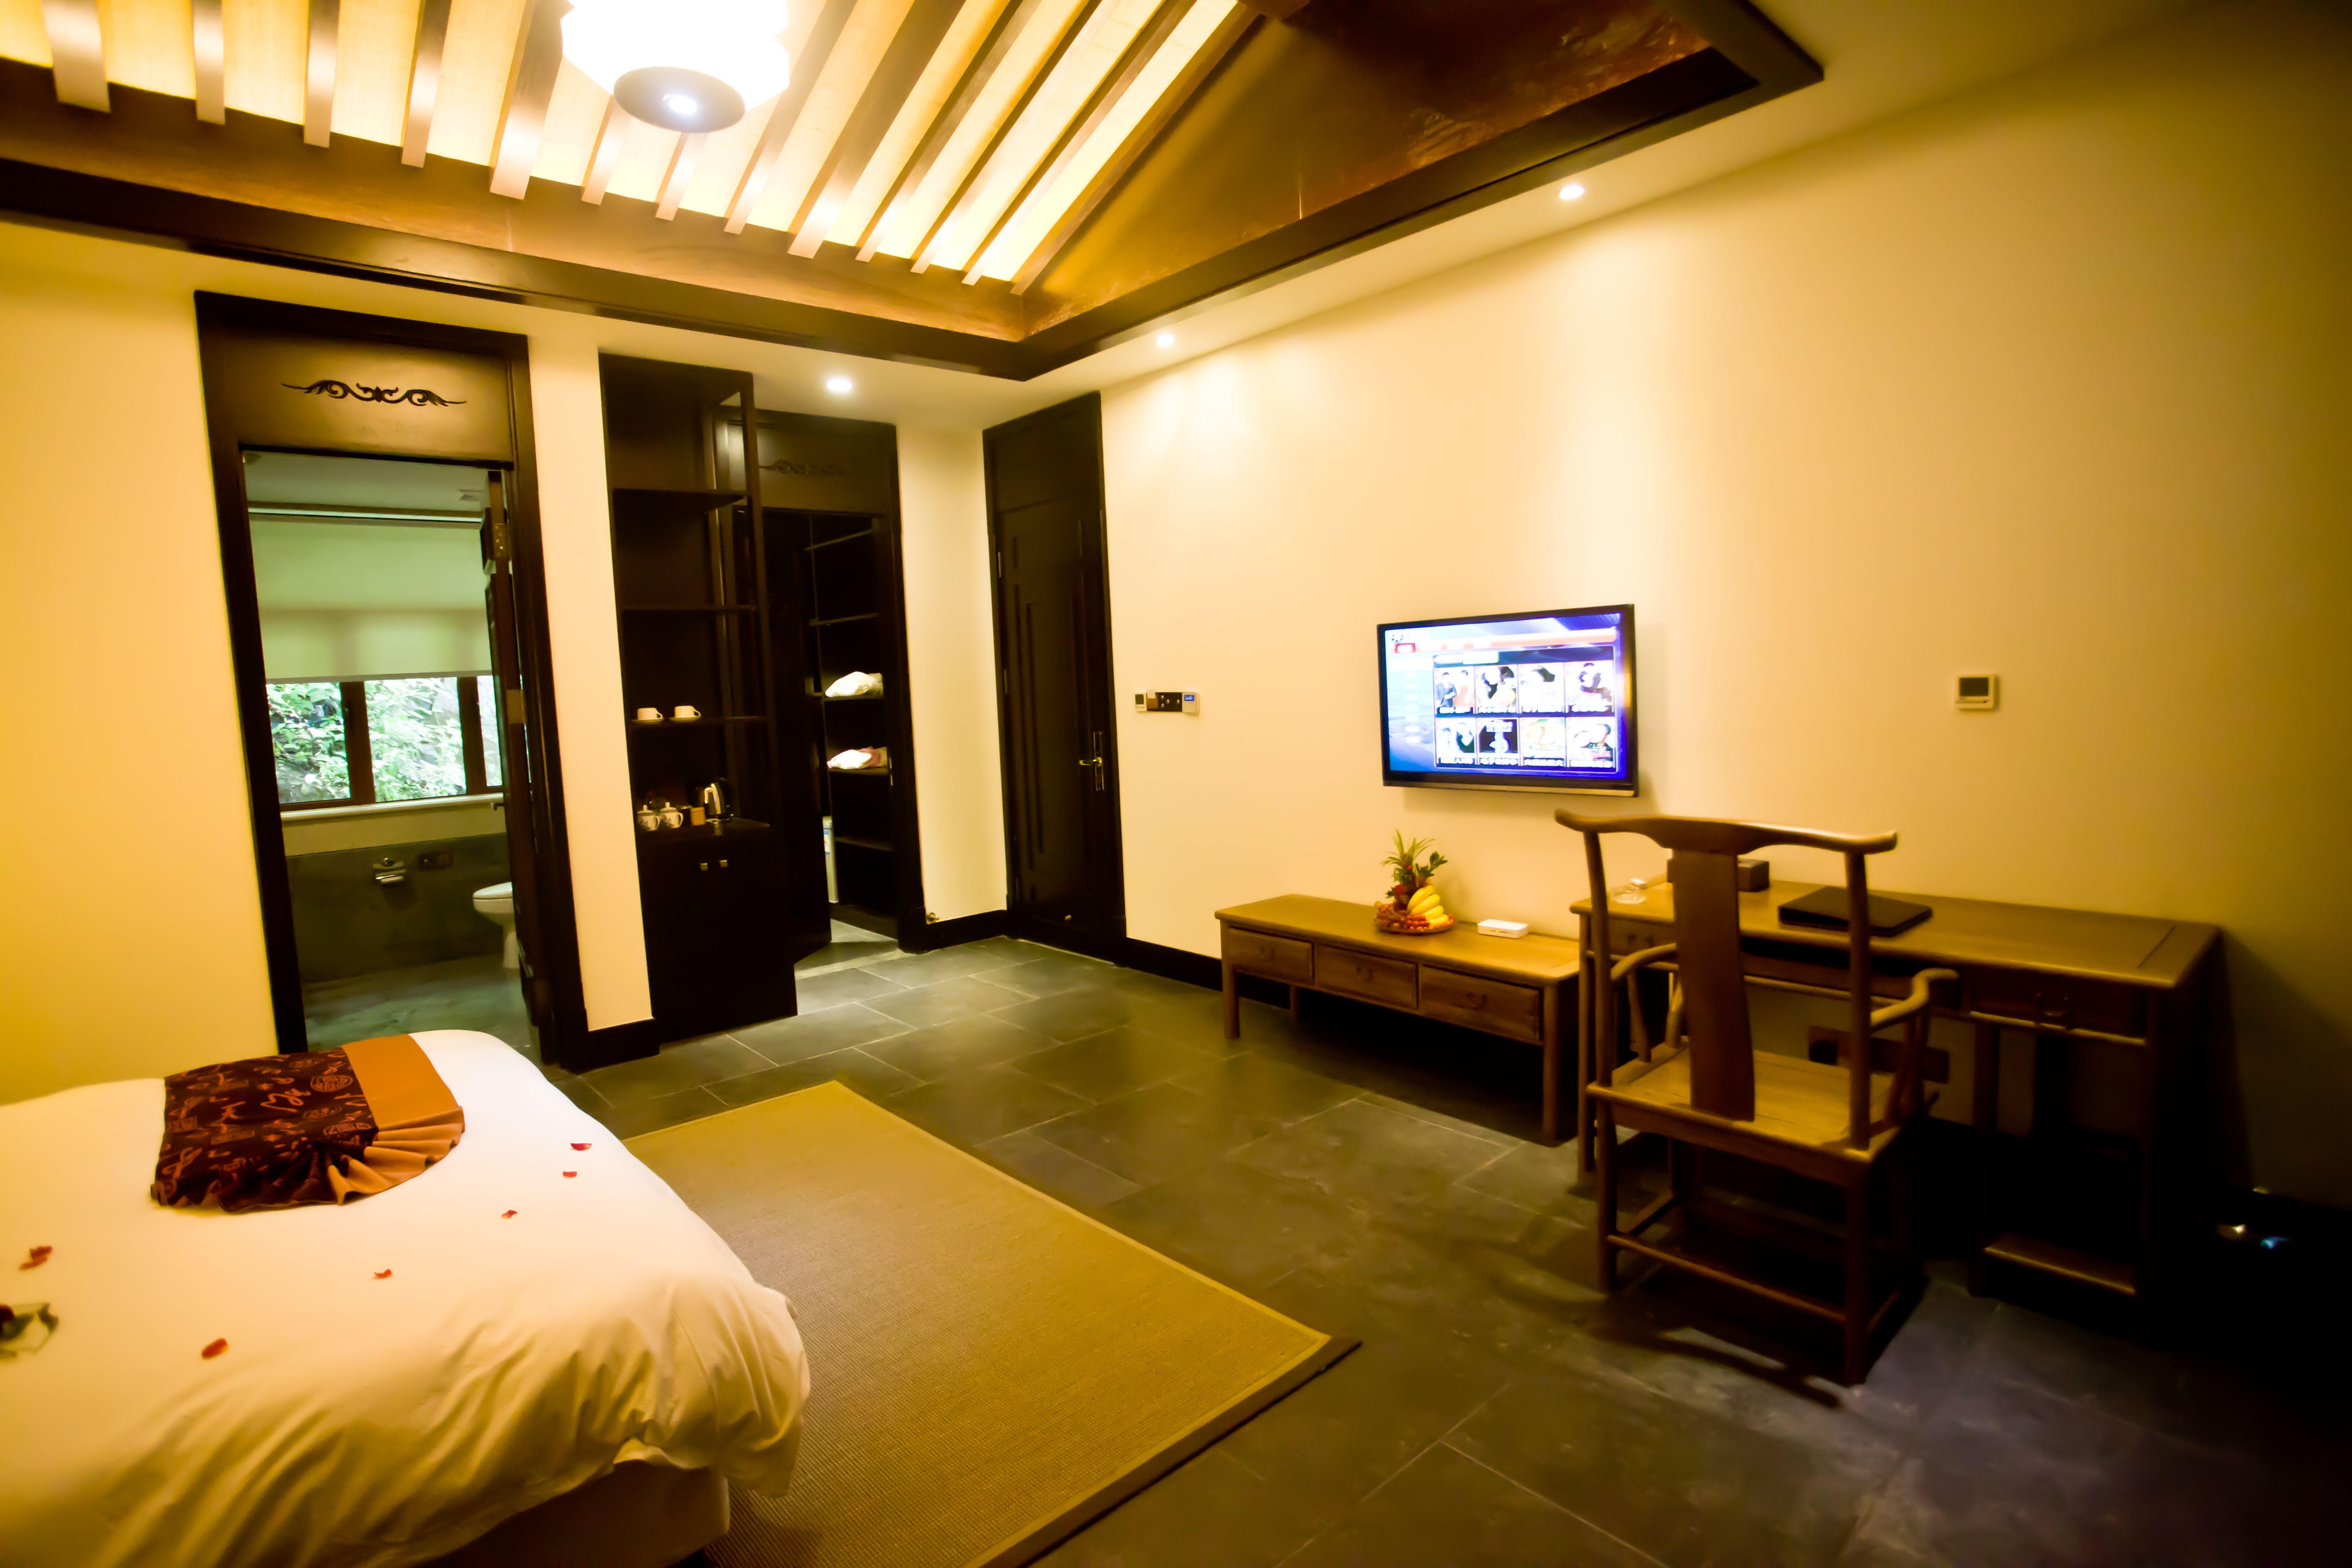 义乌何斯路及斯路何庄酒店文化旅游节